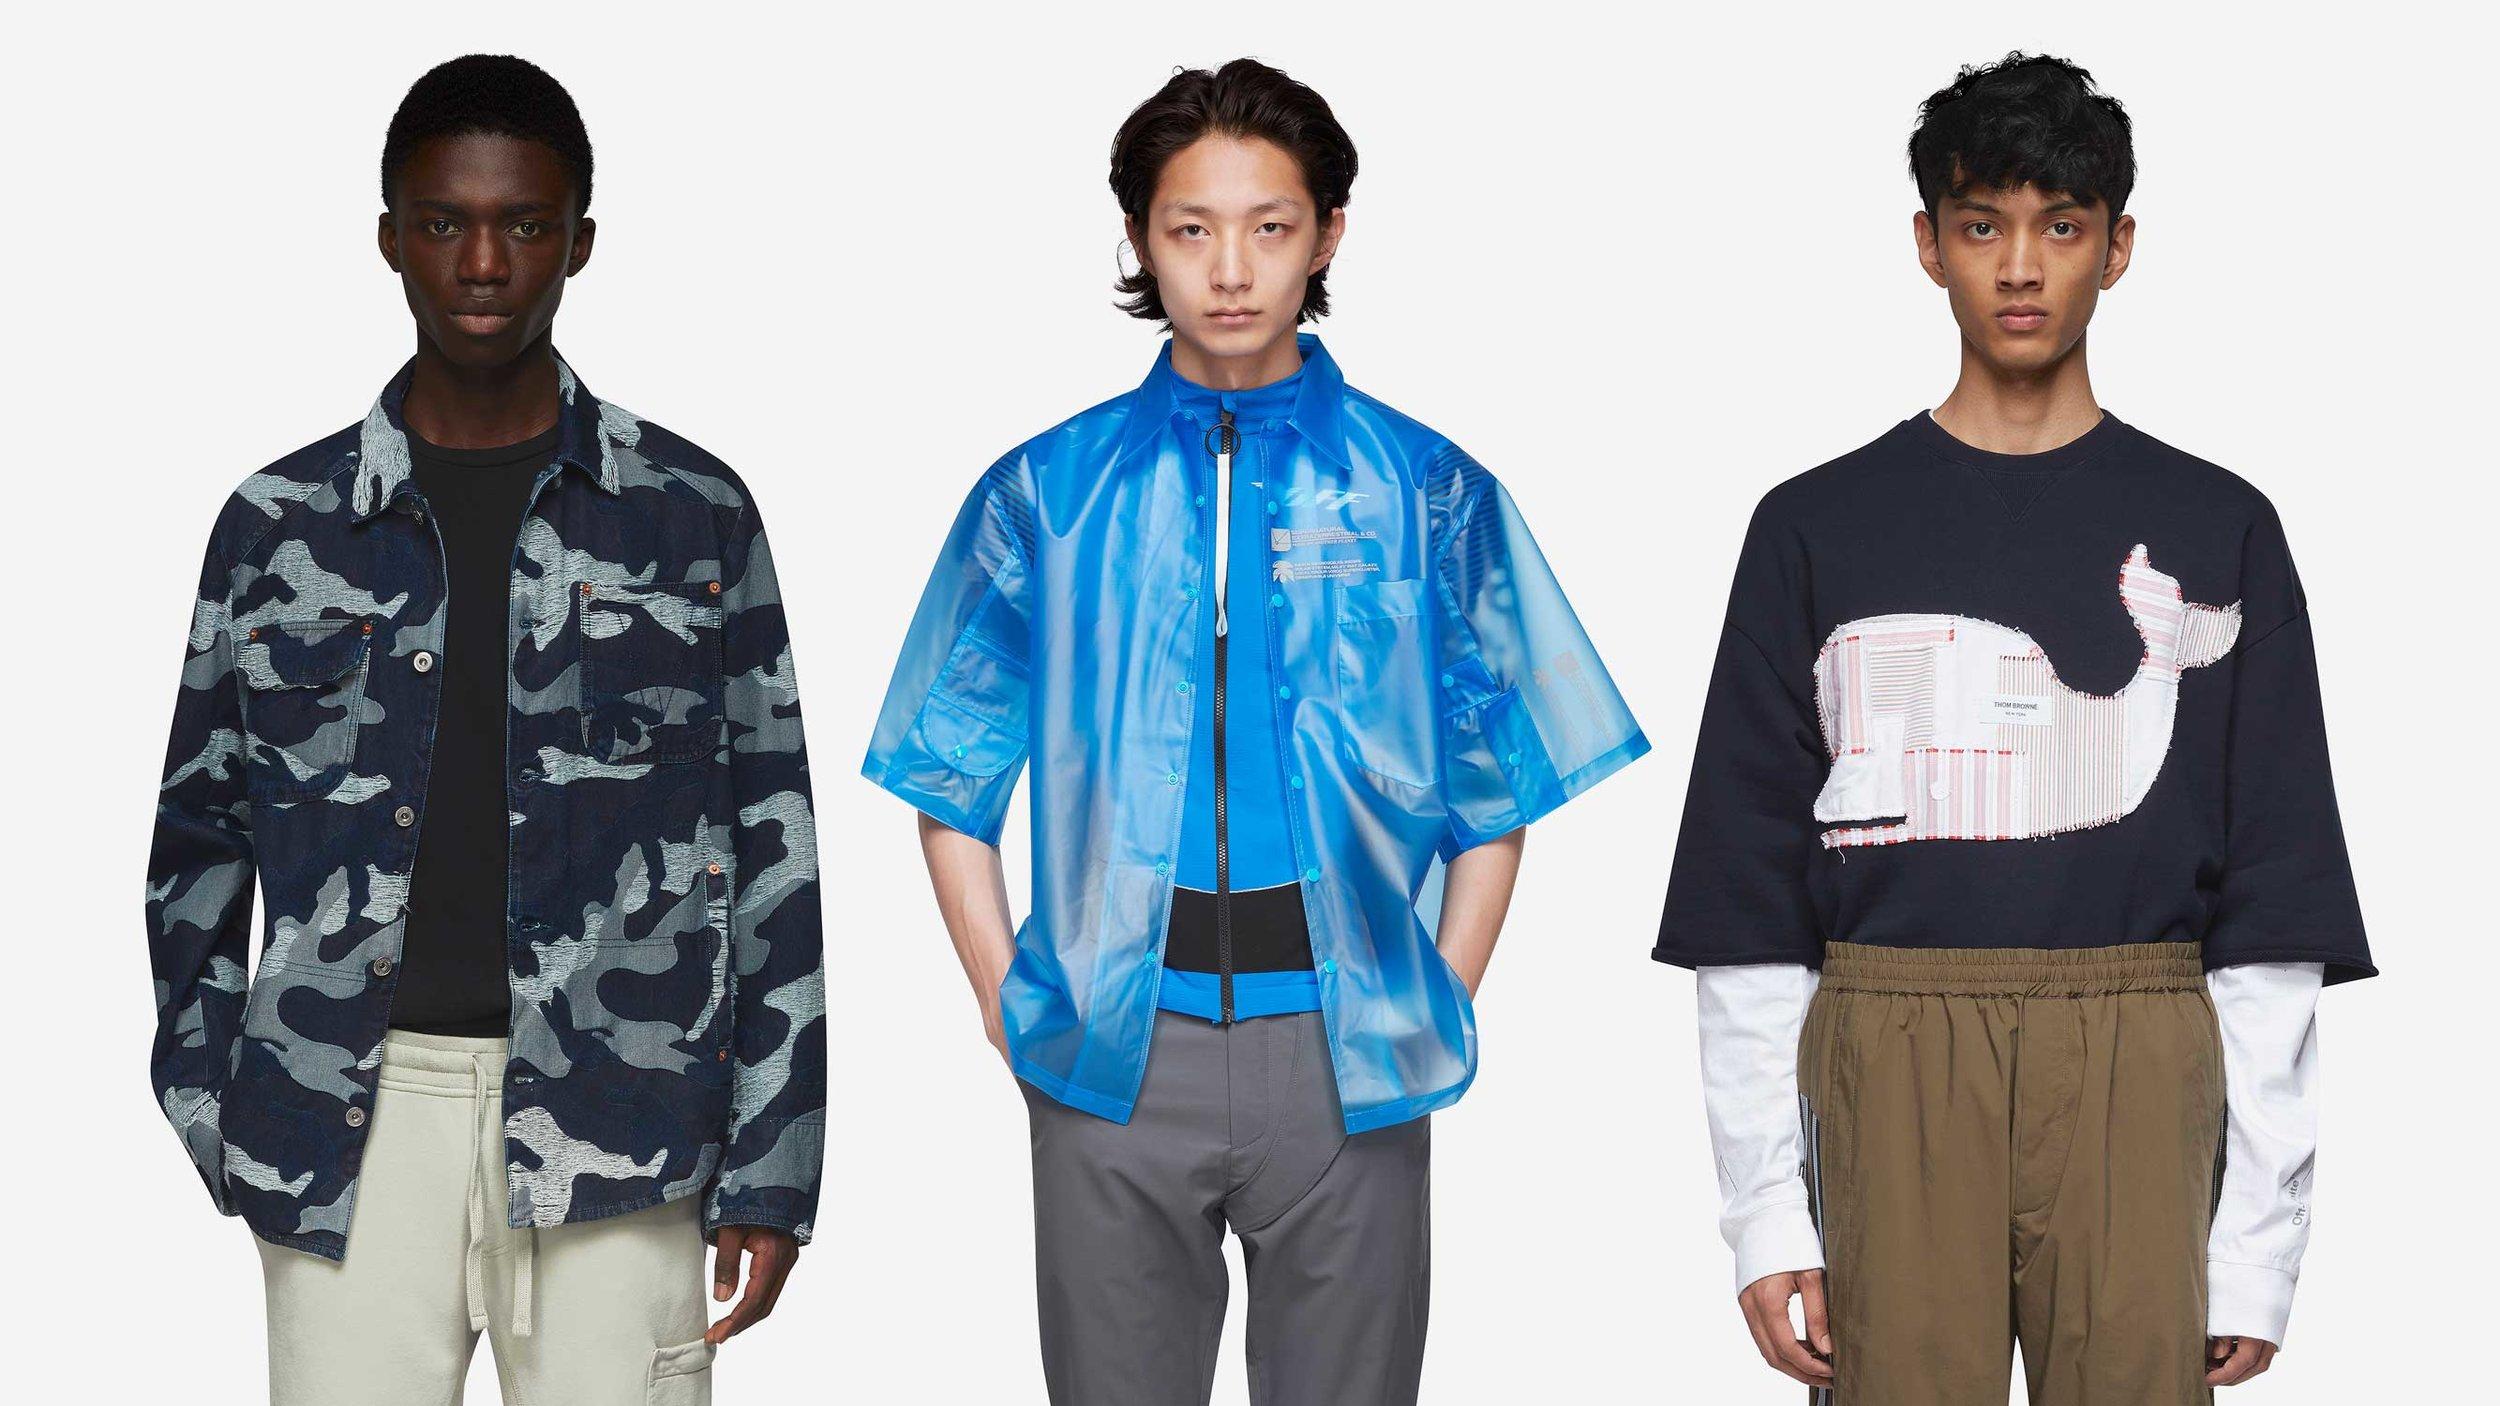 Three menswear fashion models wearing high end streetwear clothes